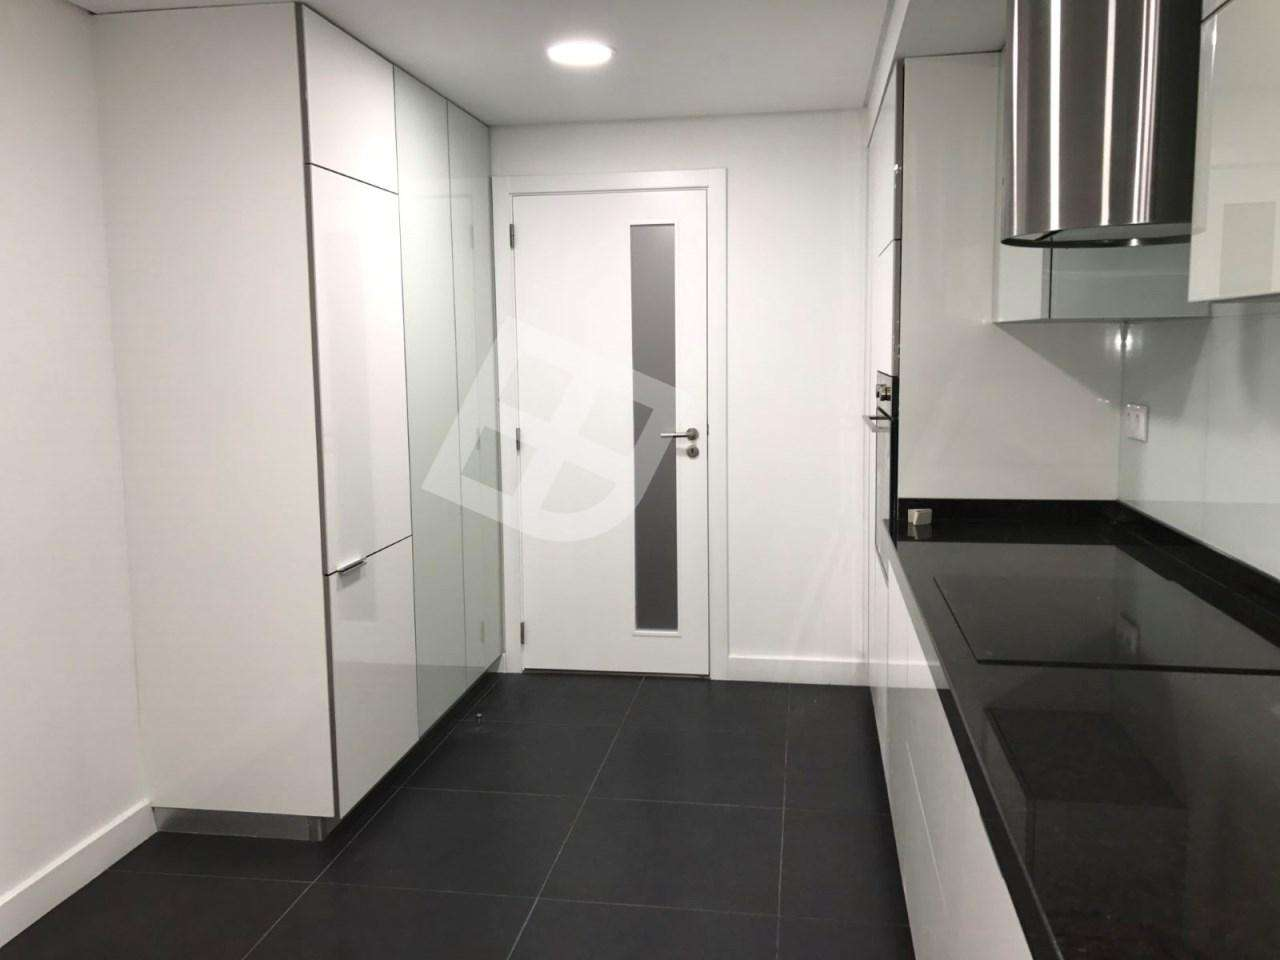 Apartamento para comprar, Glória e Vera Cruz, Aveiro - Foto 3